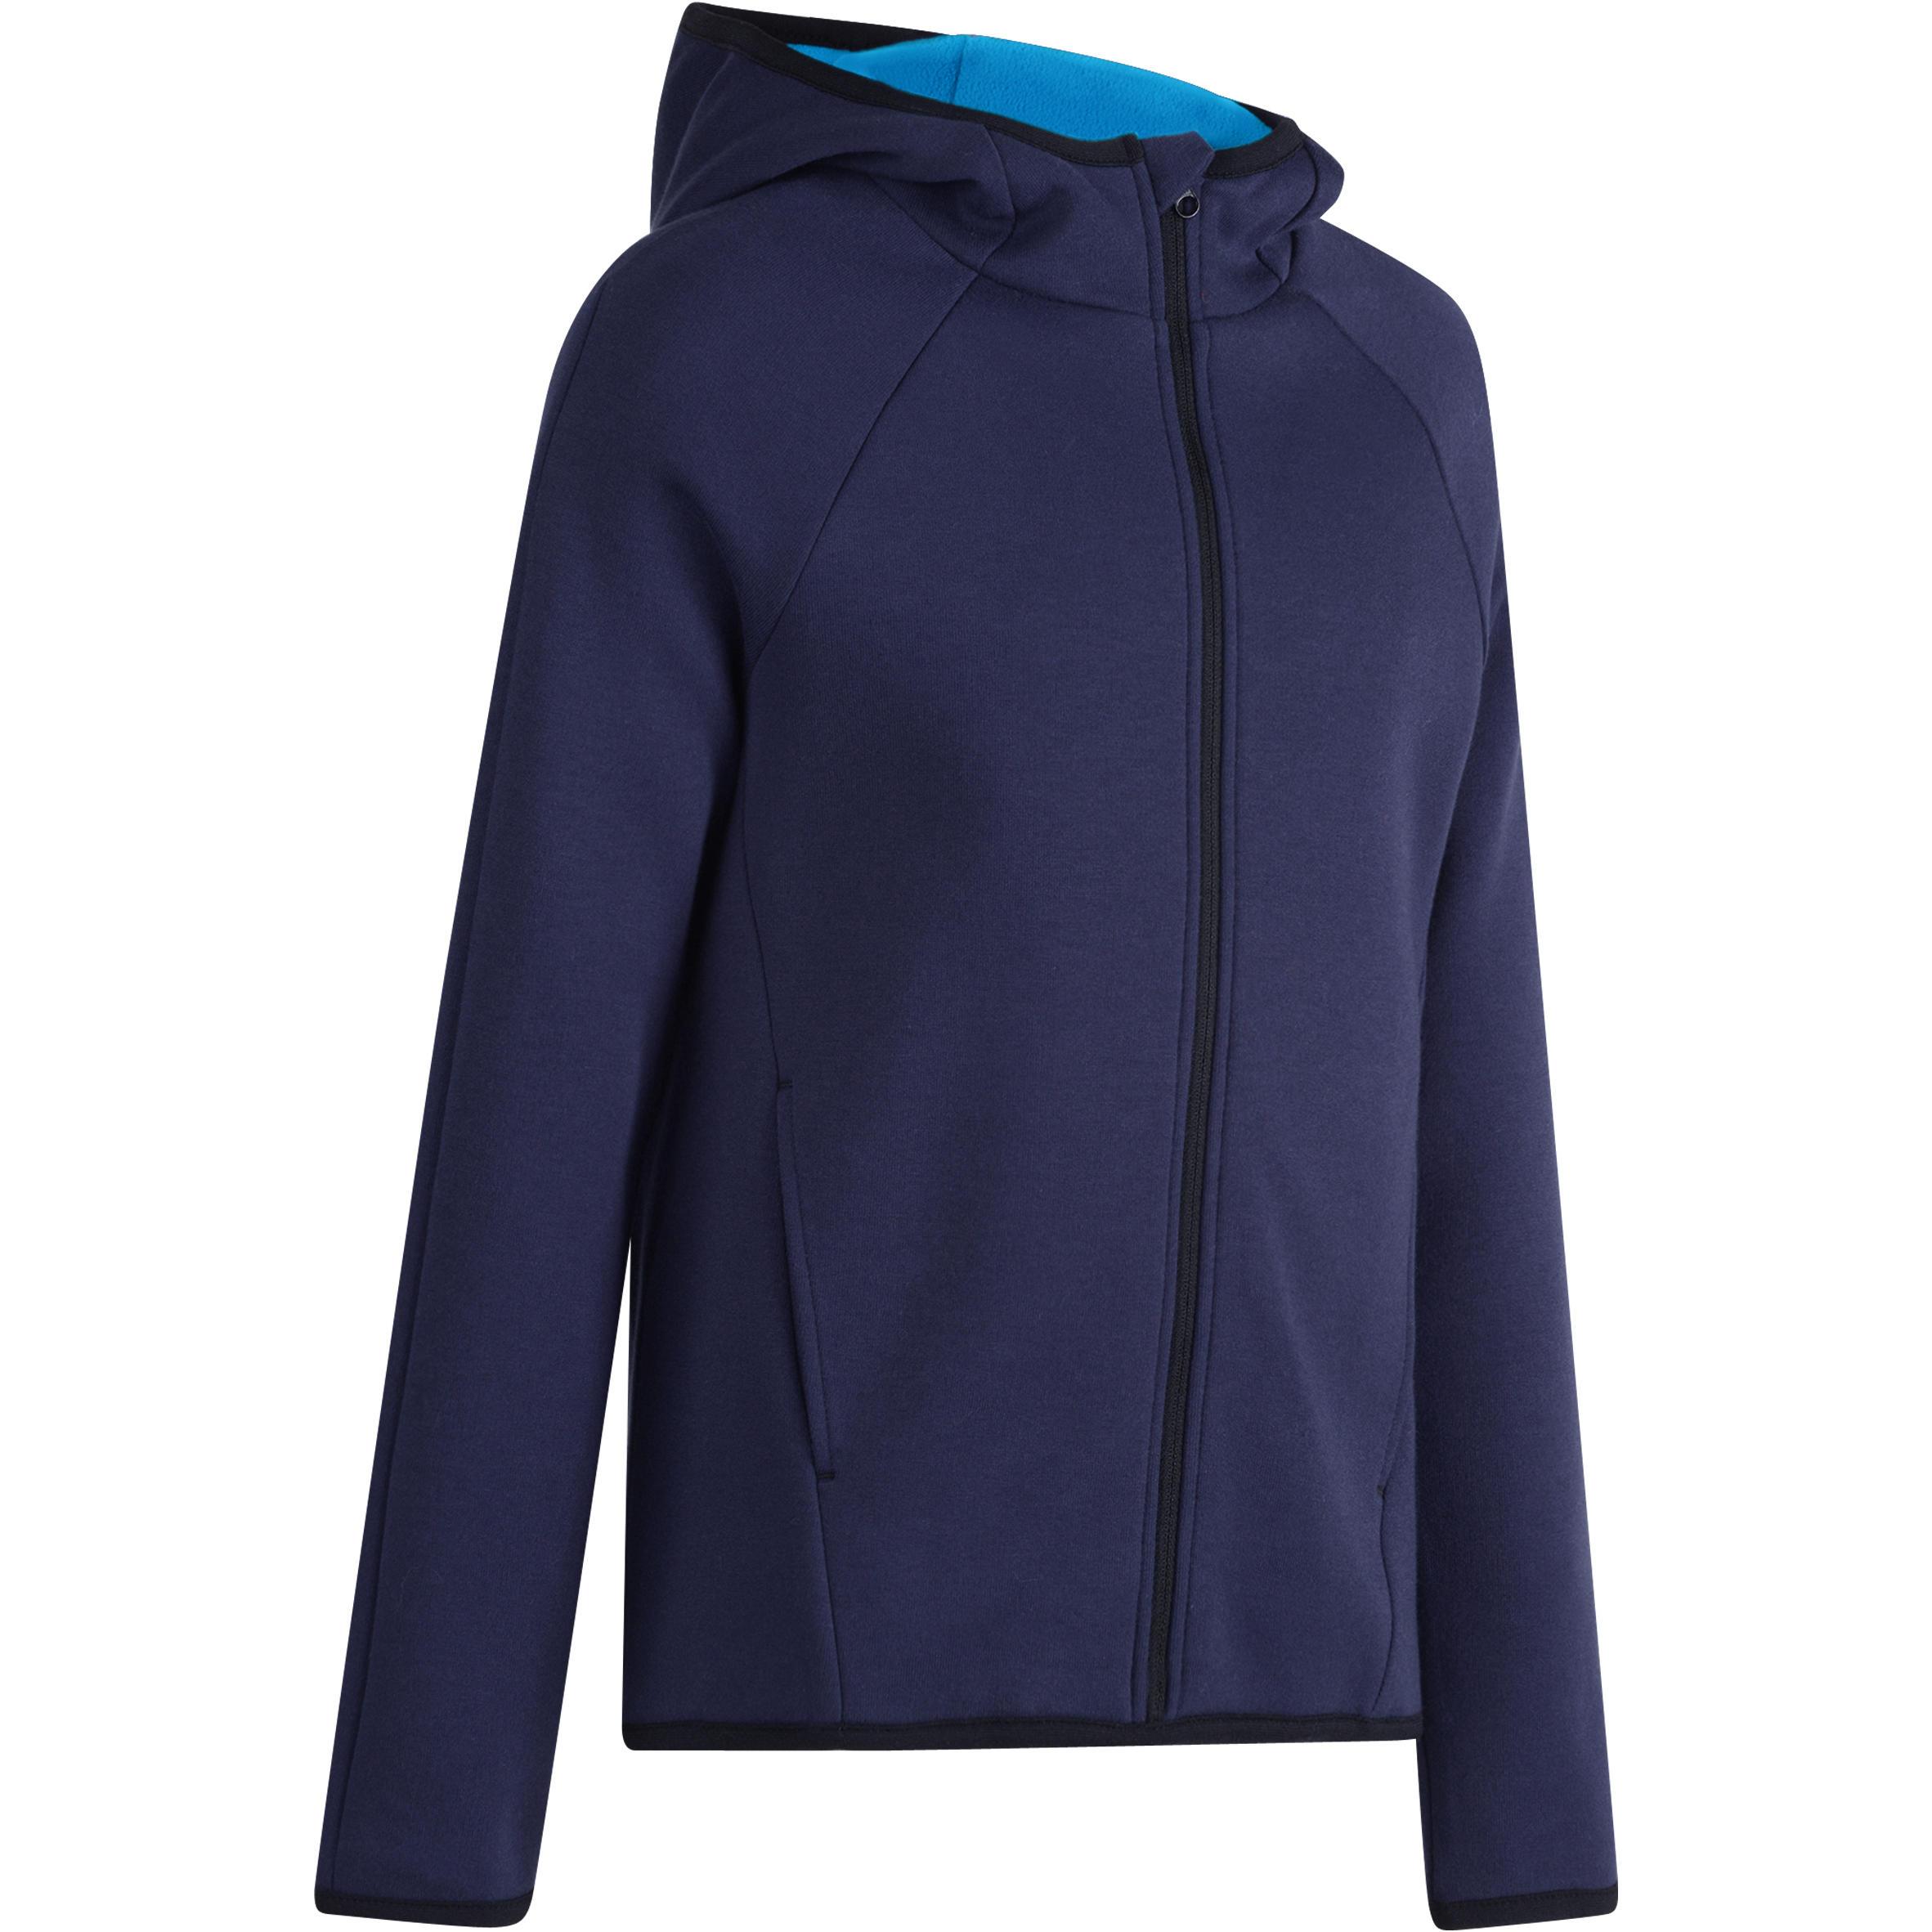 Domyos Warme gym hoodie met rits voor jongens thumbnail